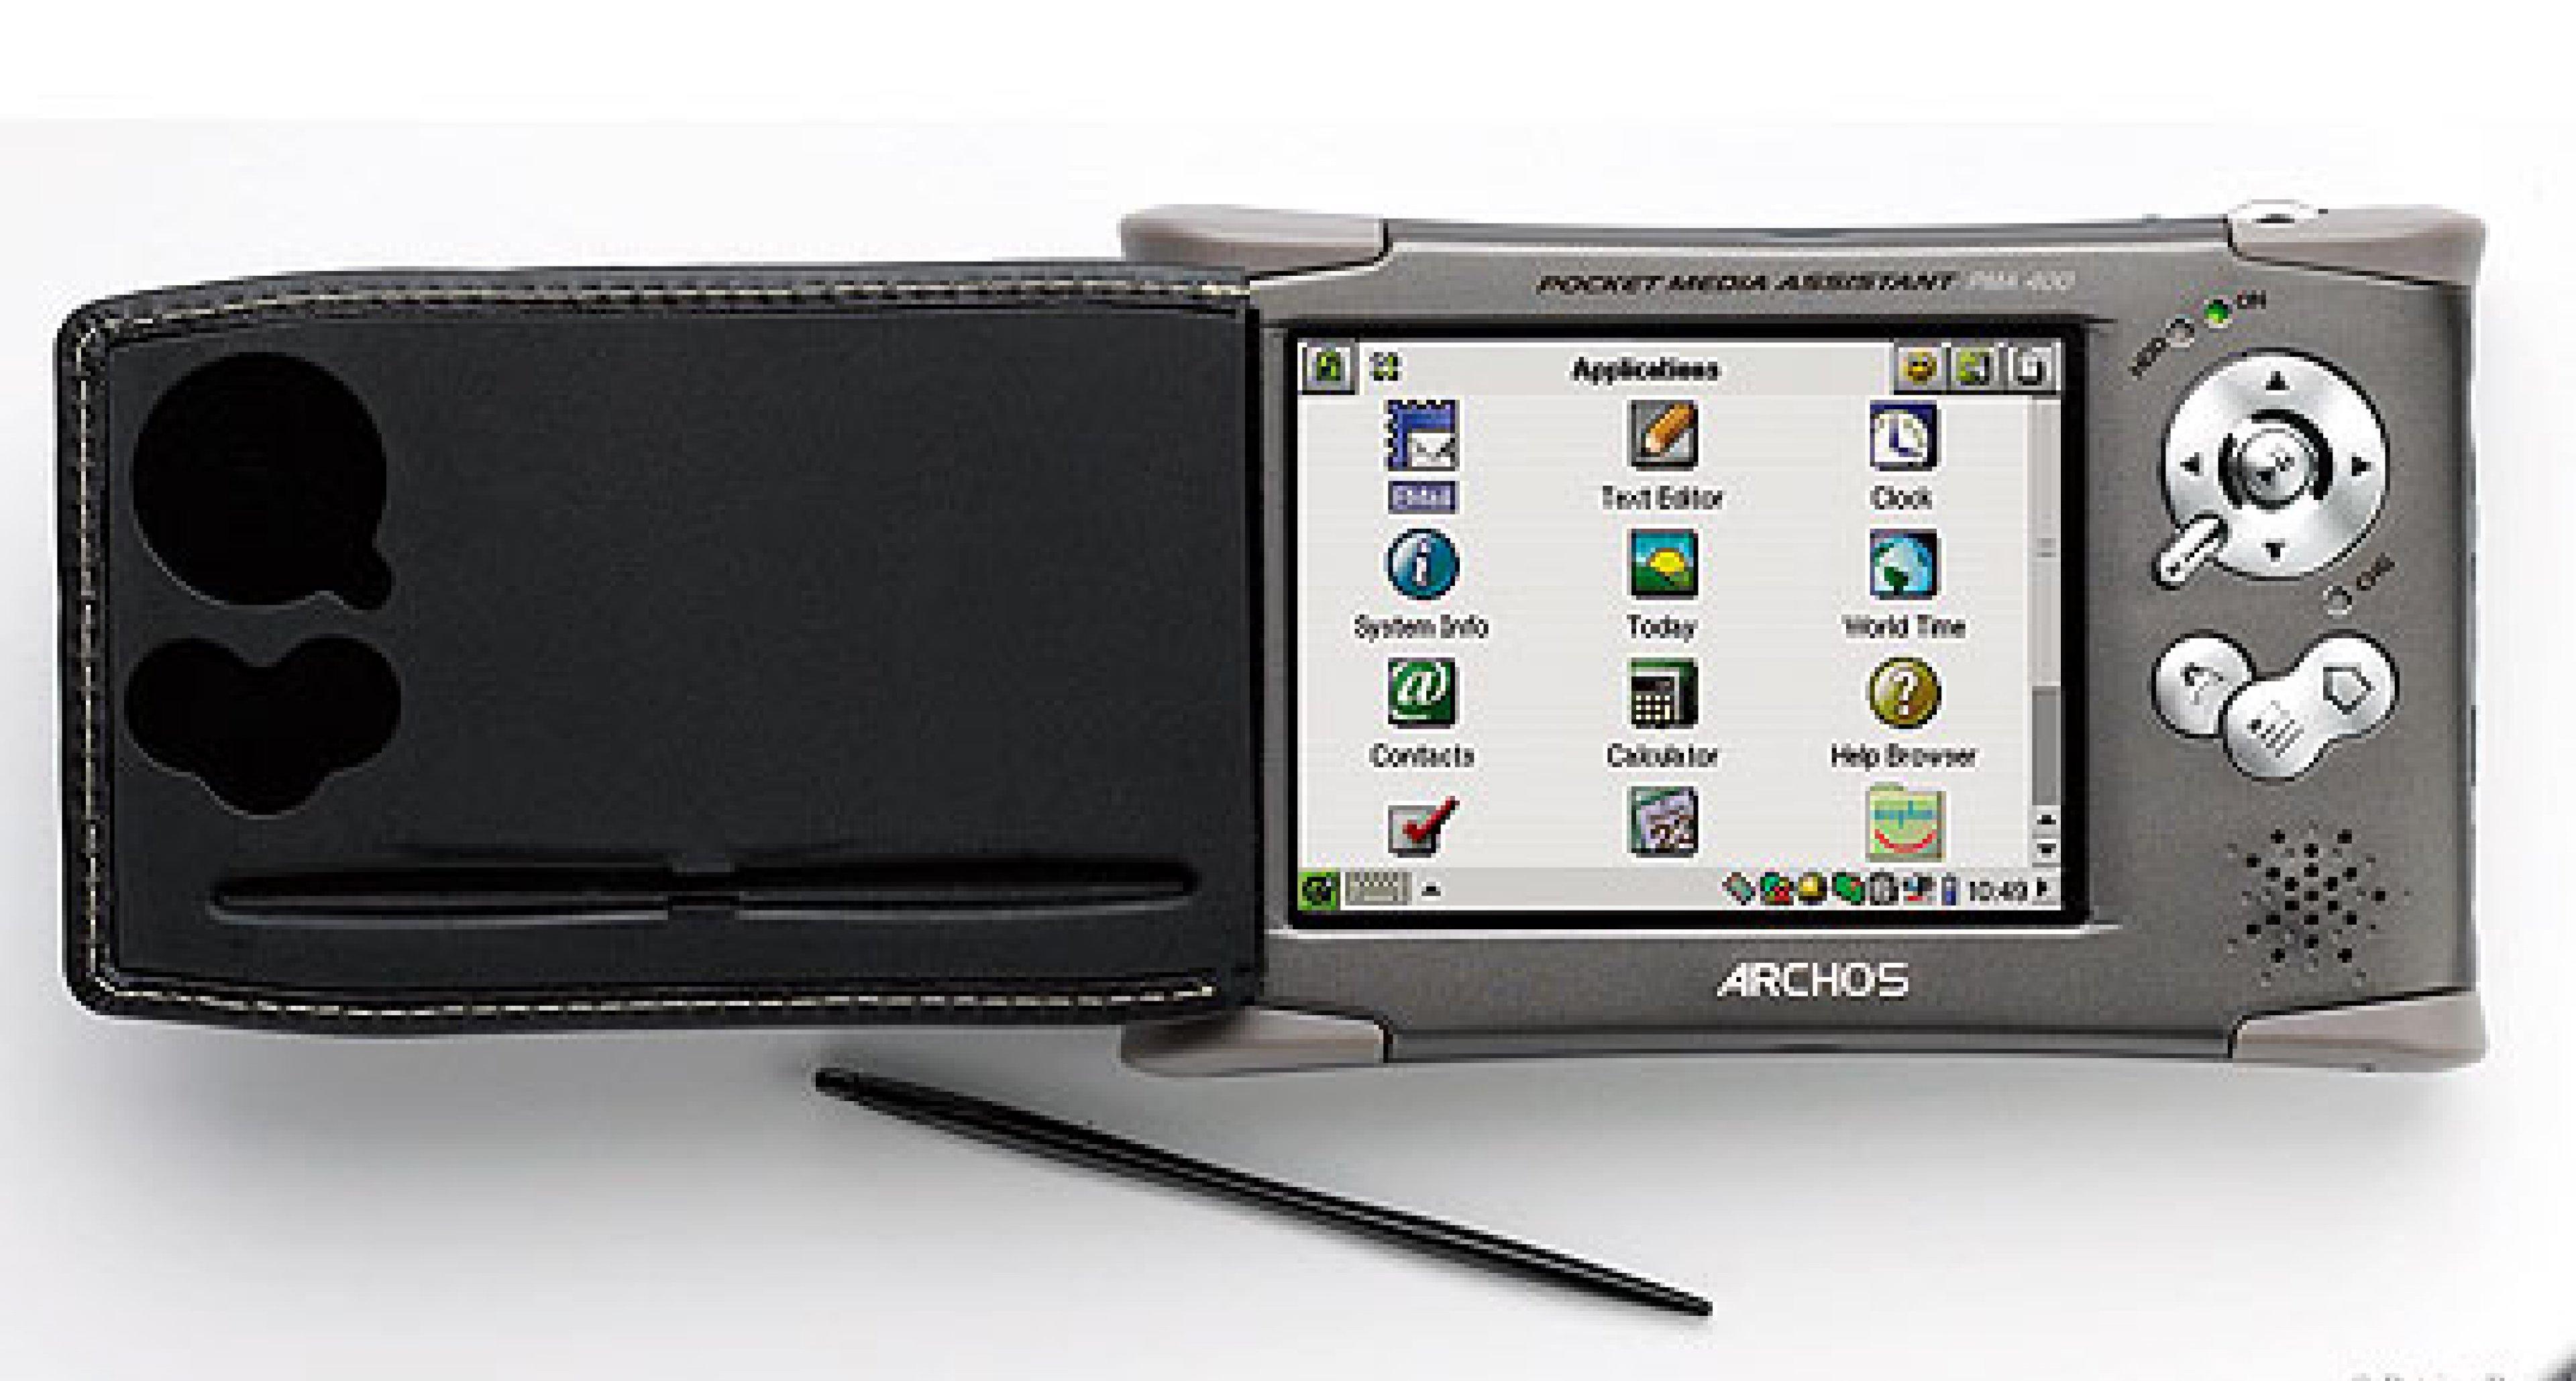 Archos PMA 400: Multimedialer Alleskönner im Taschenformat